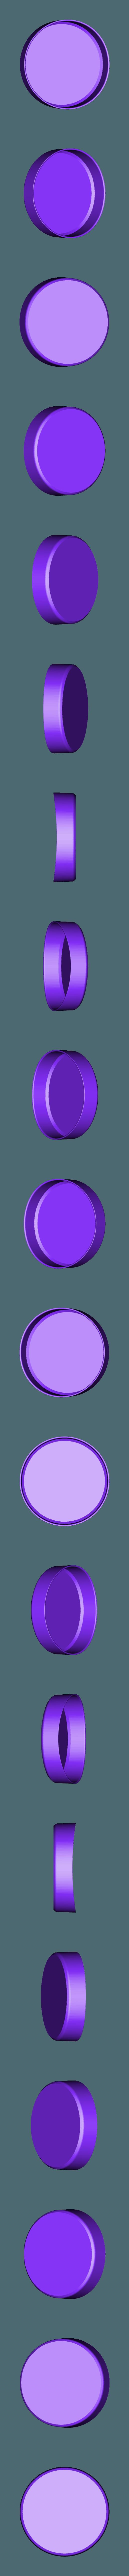 Mug.stl Télécharger fichier STL gratuit Porte-savon • Objet imprimable en 3D, VICLER